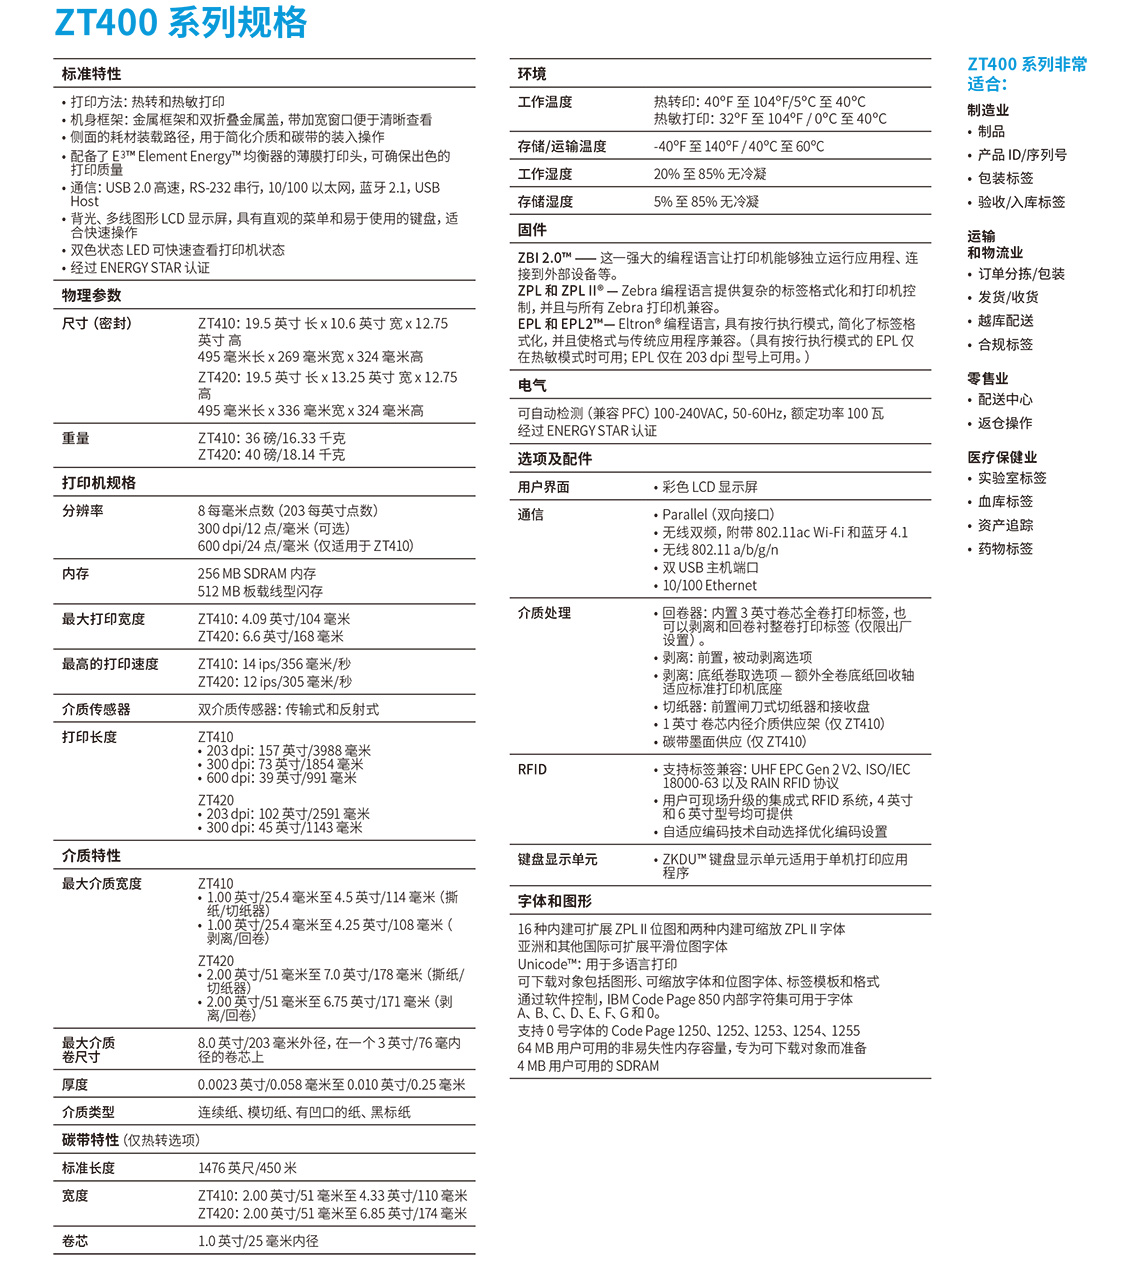 zt400参数.jpg